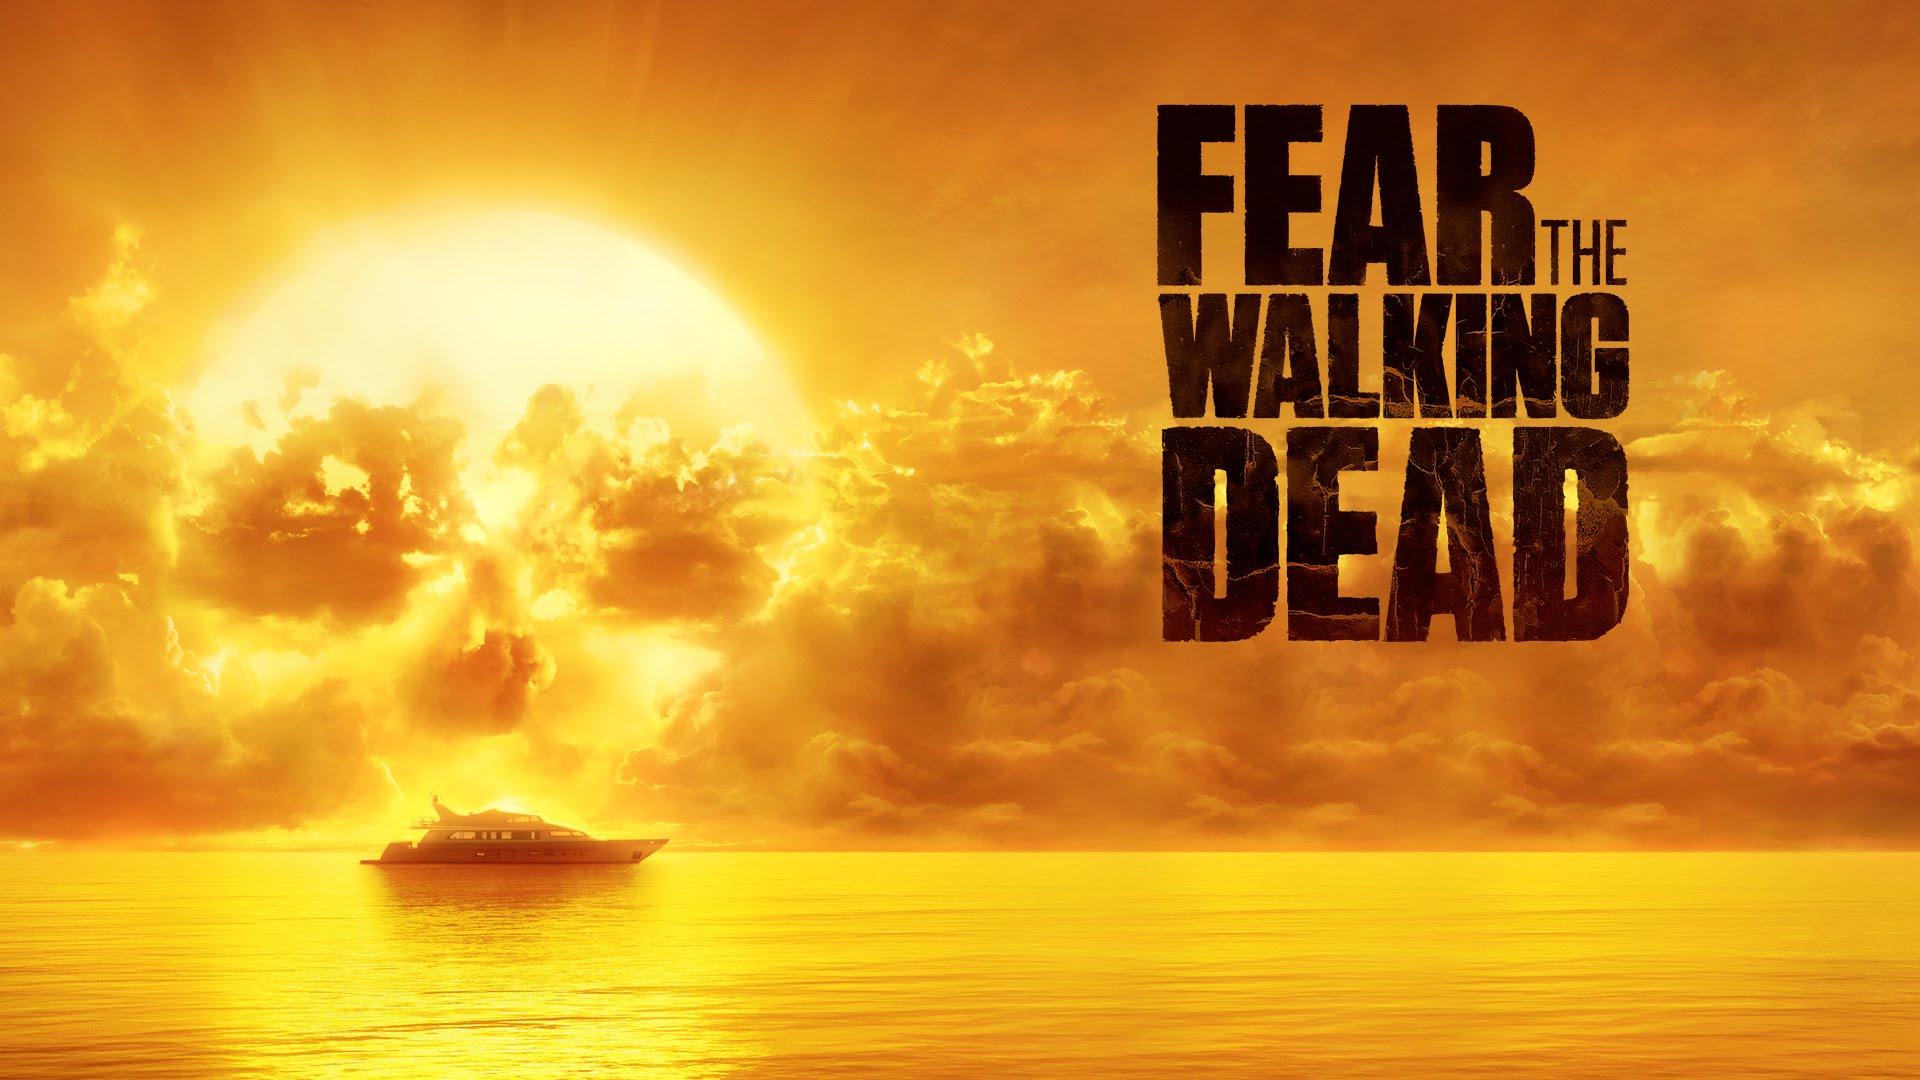 Fear The Walking Dead Wallpapers Fear The Walking Dead